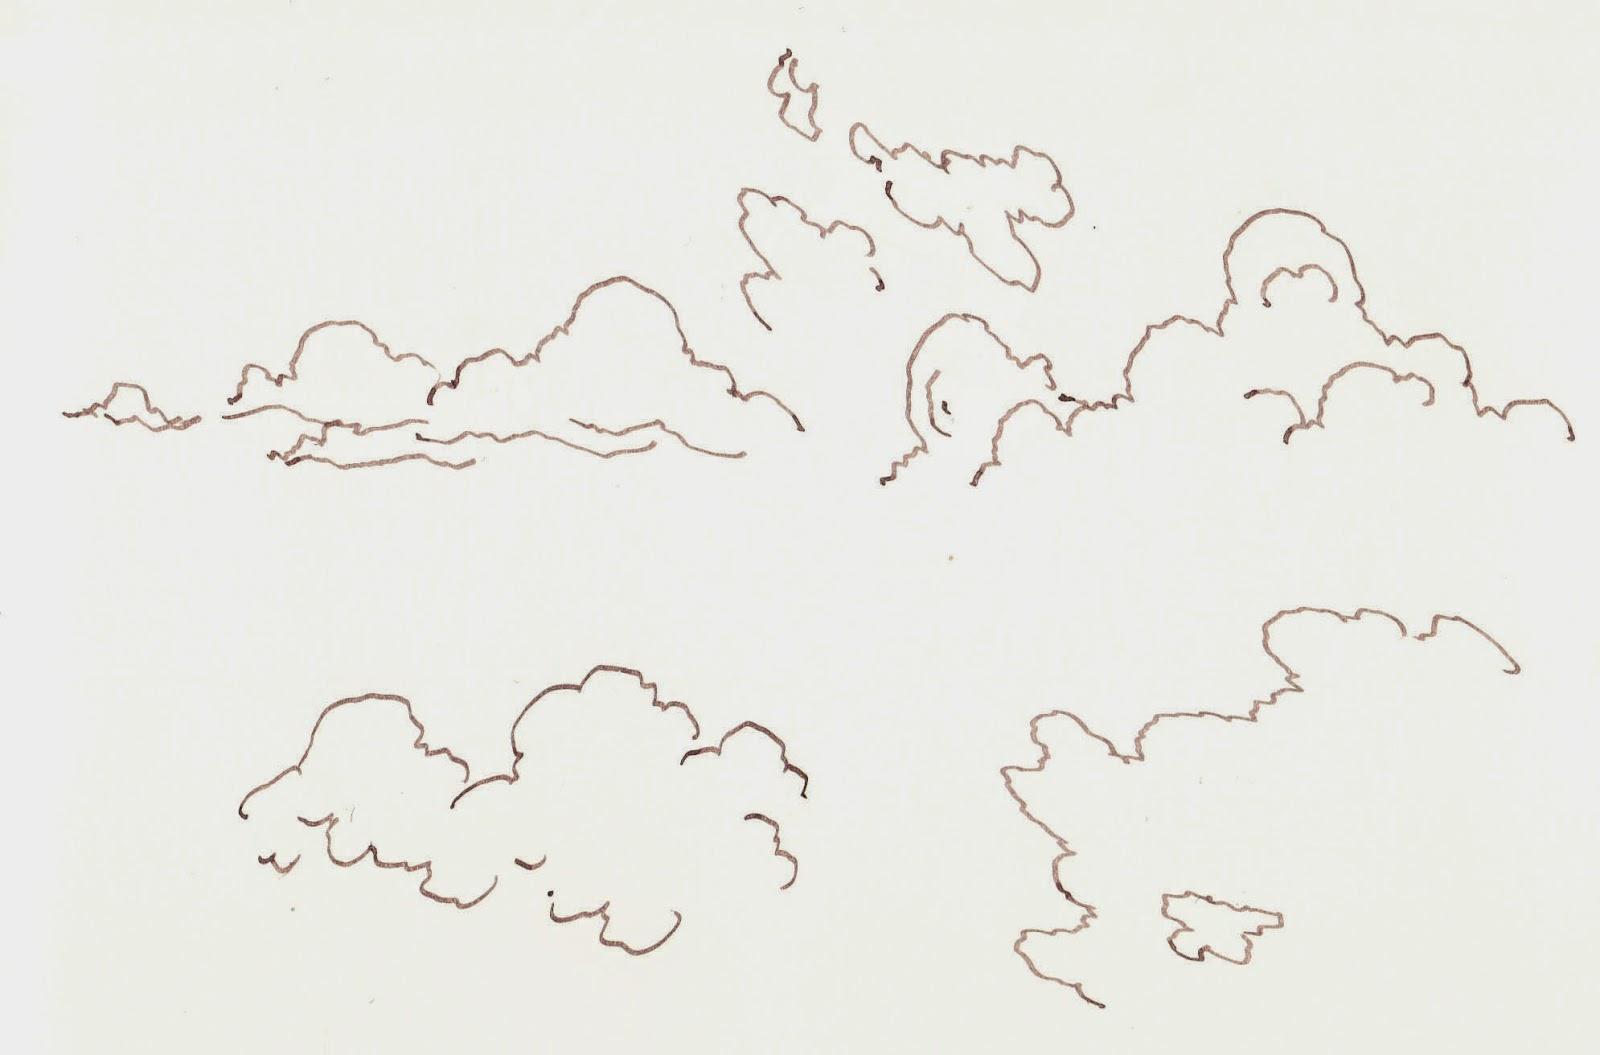 collines et montagnes le vgtal occupe les premiers plans du paysage il nest pas rare de distinguer dans le lointain quelques lignes de crtes de - Dessin De Nuage